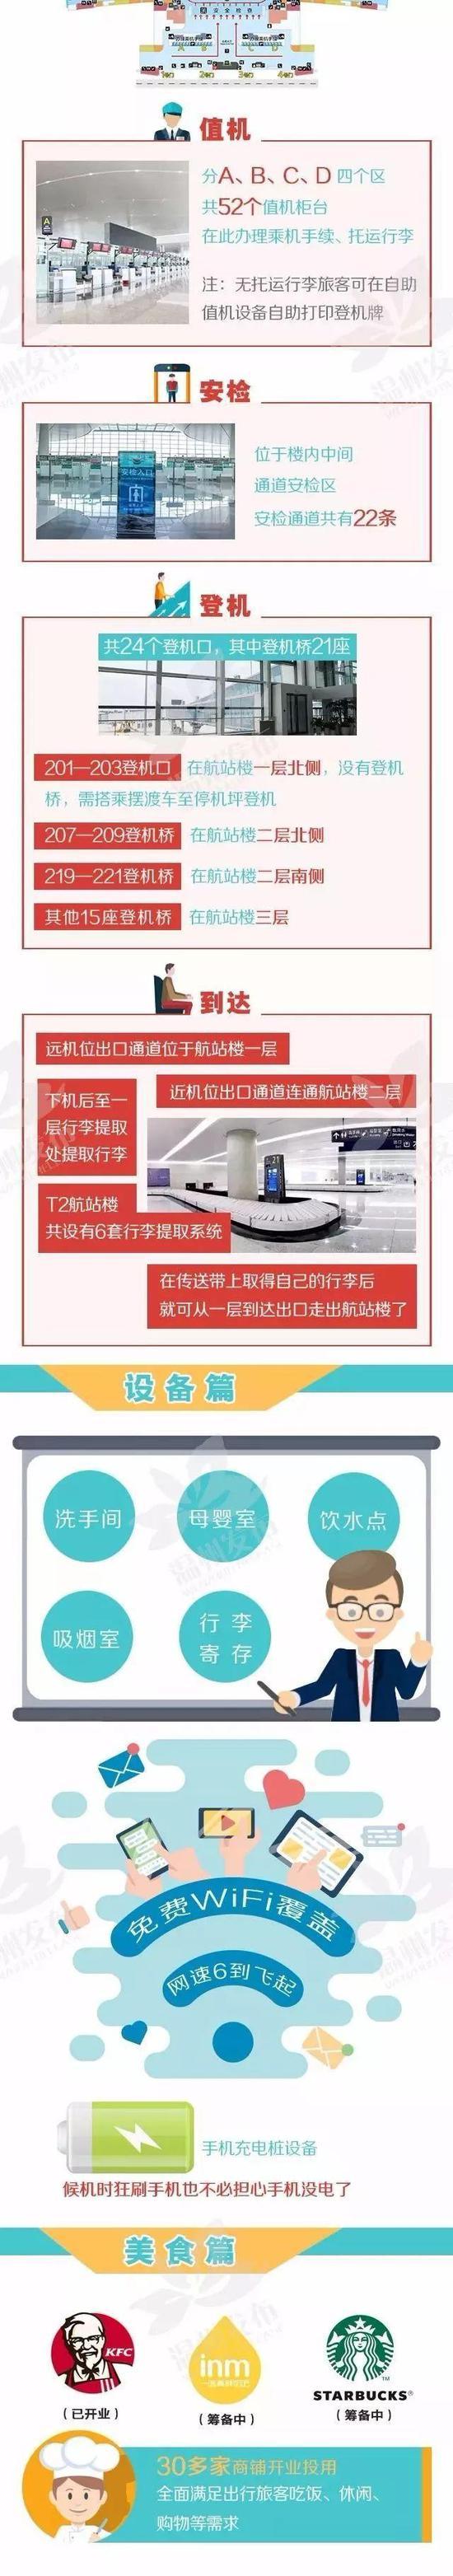 (原标题《温州机场T2航站楼启用!一张图带你看懂出行全攻略》。编辑杨云峰)